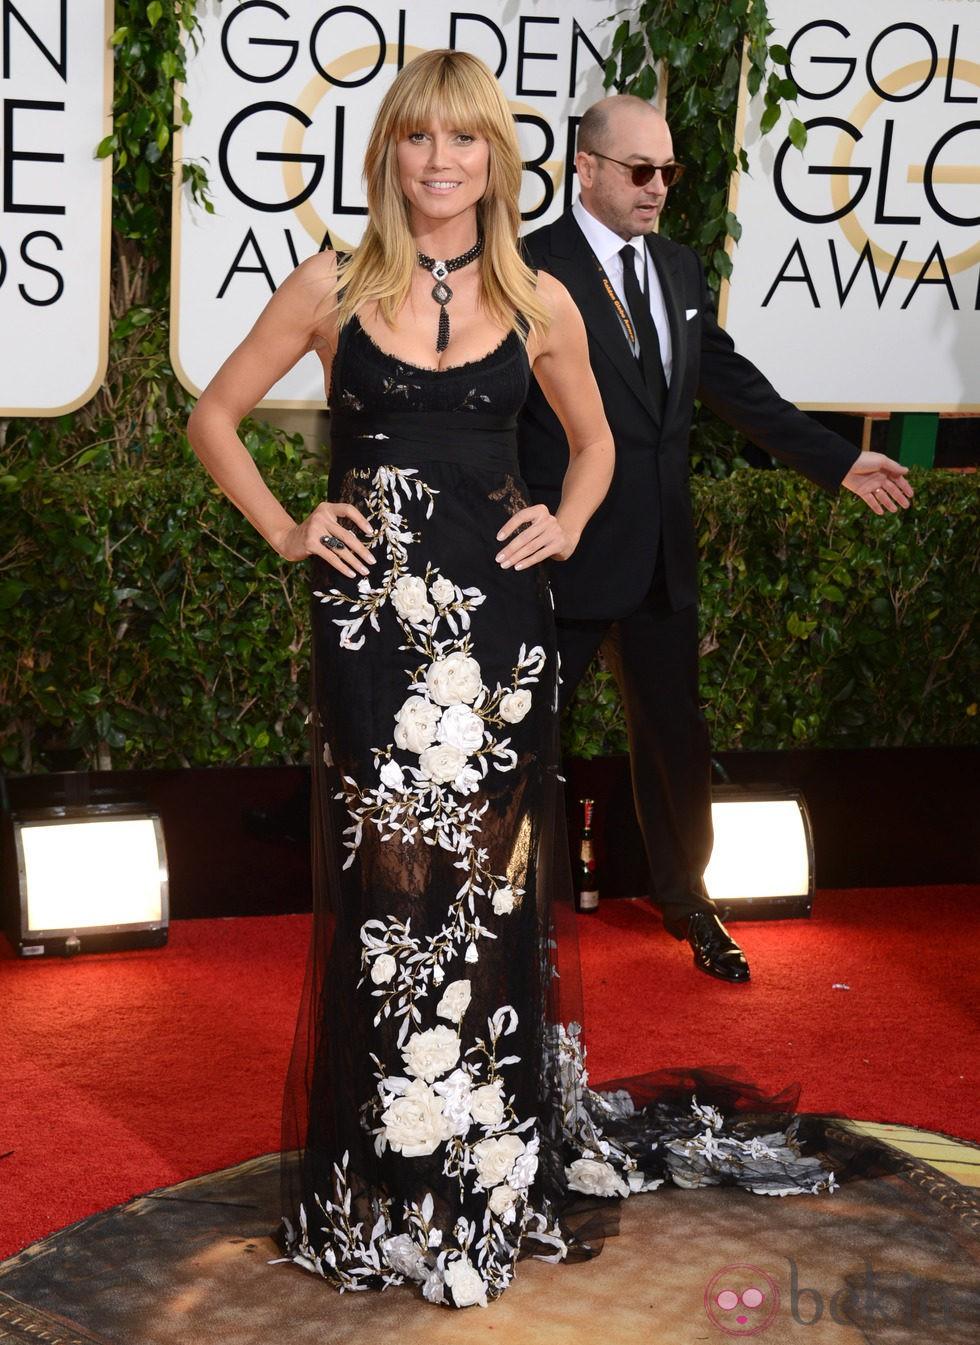 Heidi Klum en la alfombra roja de los Globos de Oro 2014